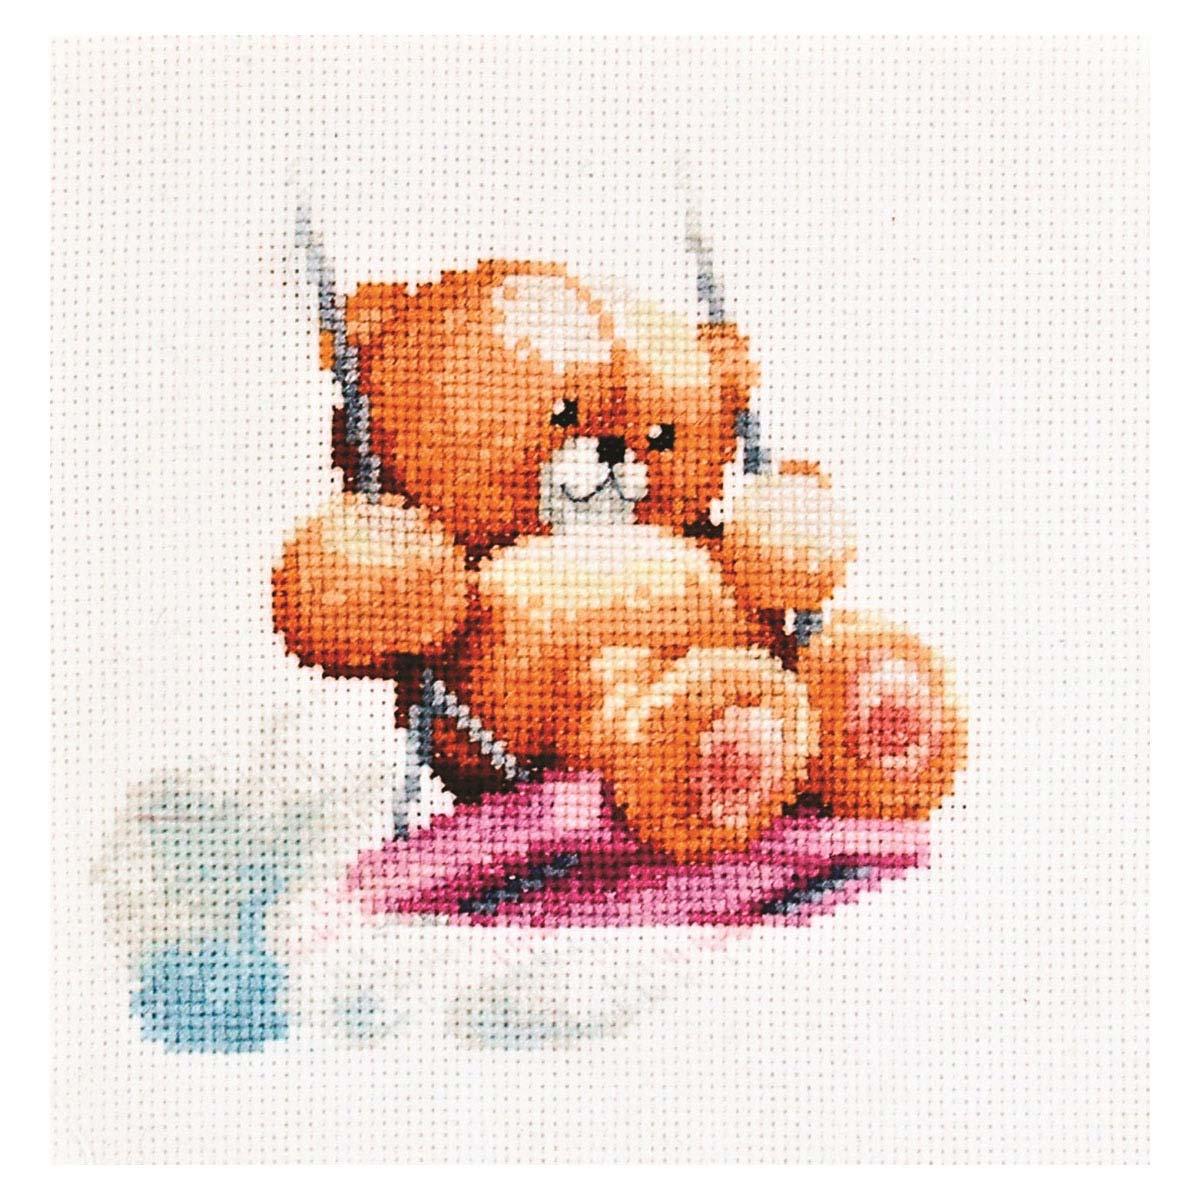 1026 Набор для вышивания Alisena 'Мишка на качелях', 11*11 см